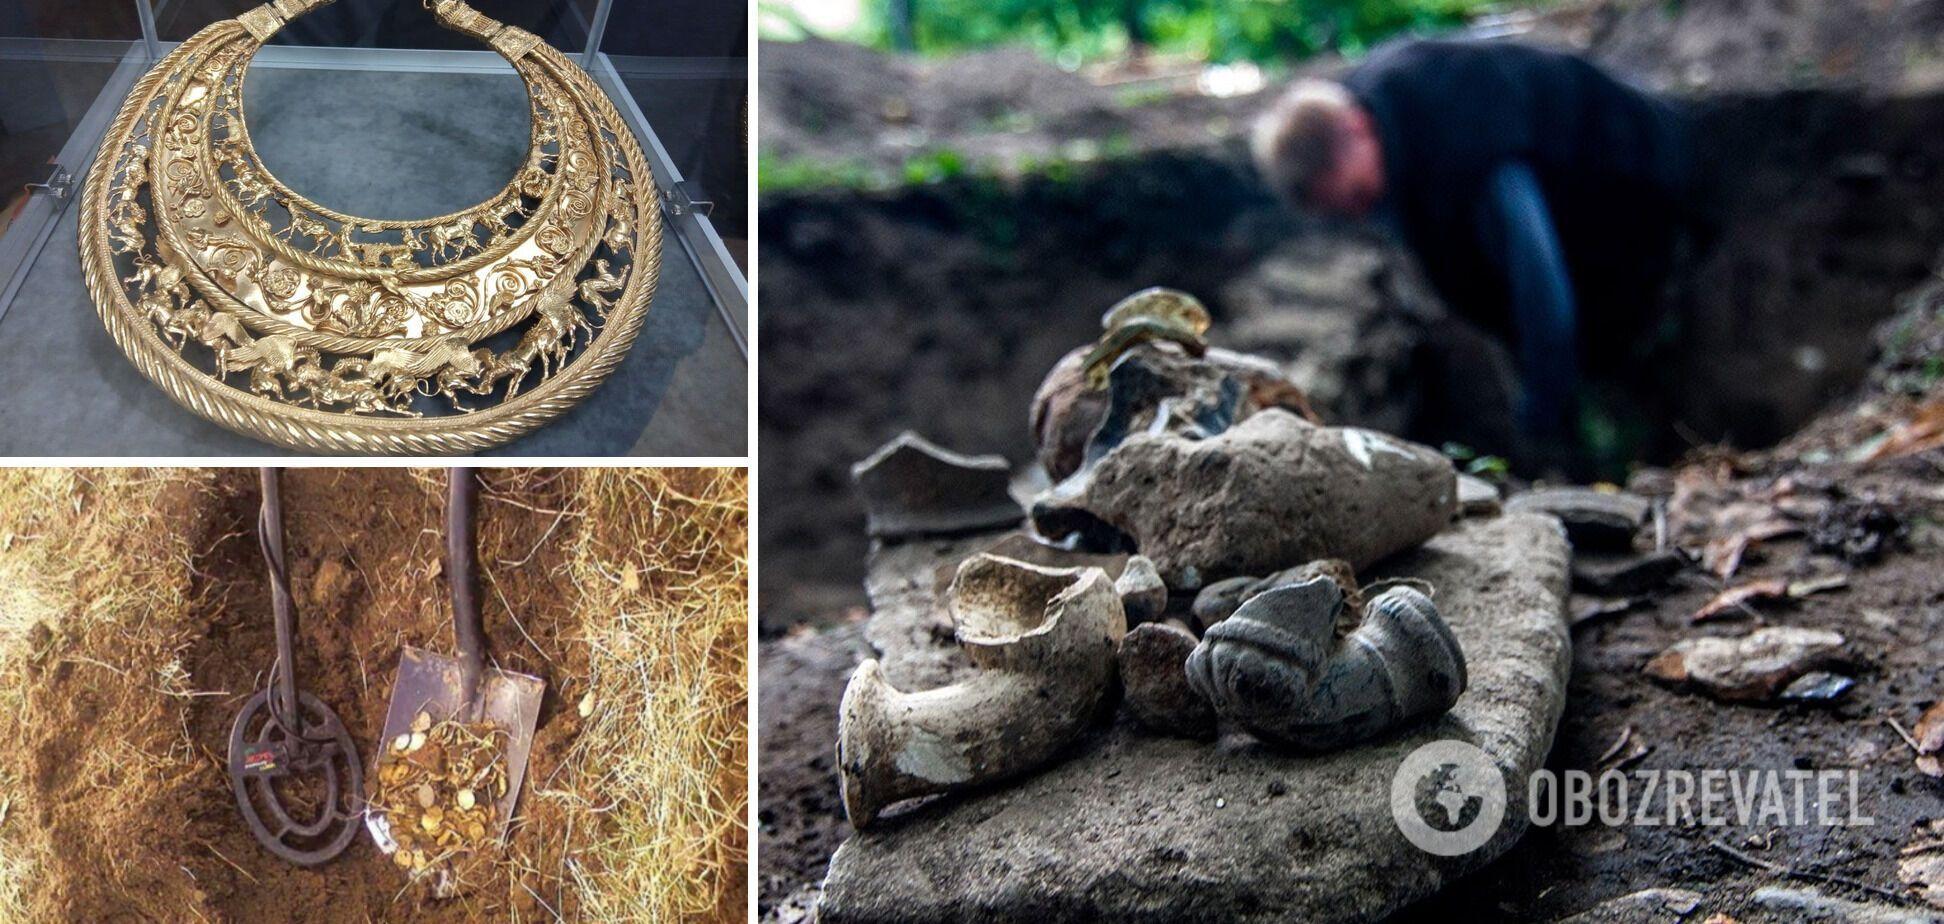 Армия 'кладоискателей-мародеров древностей' грабит Украину?